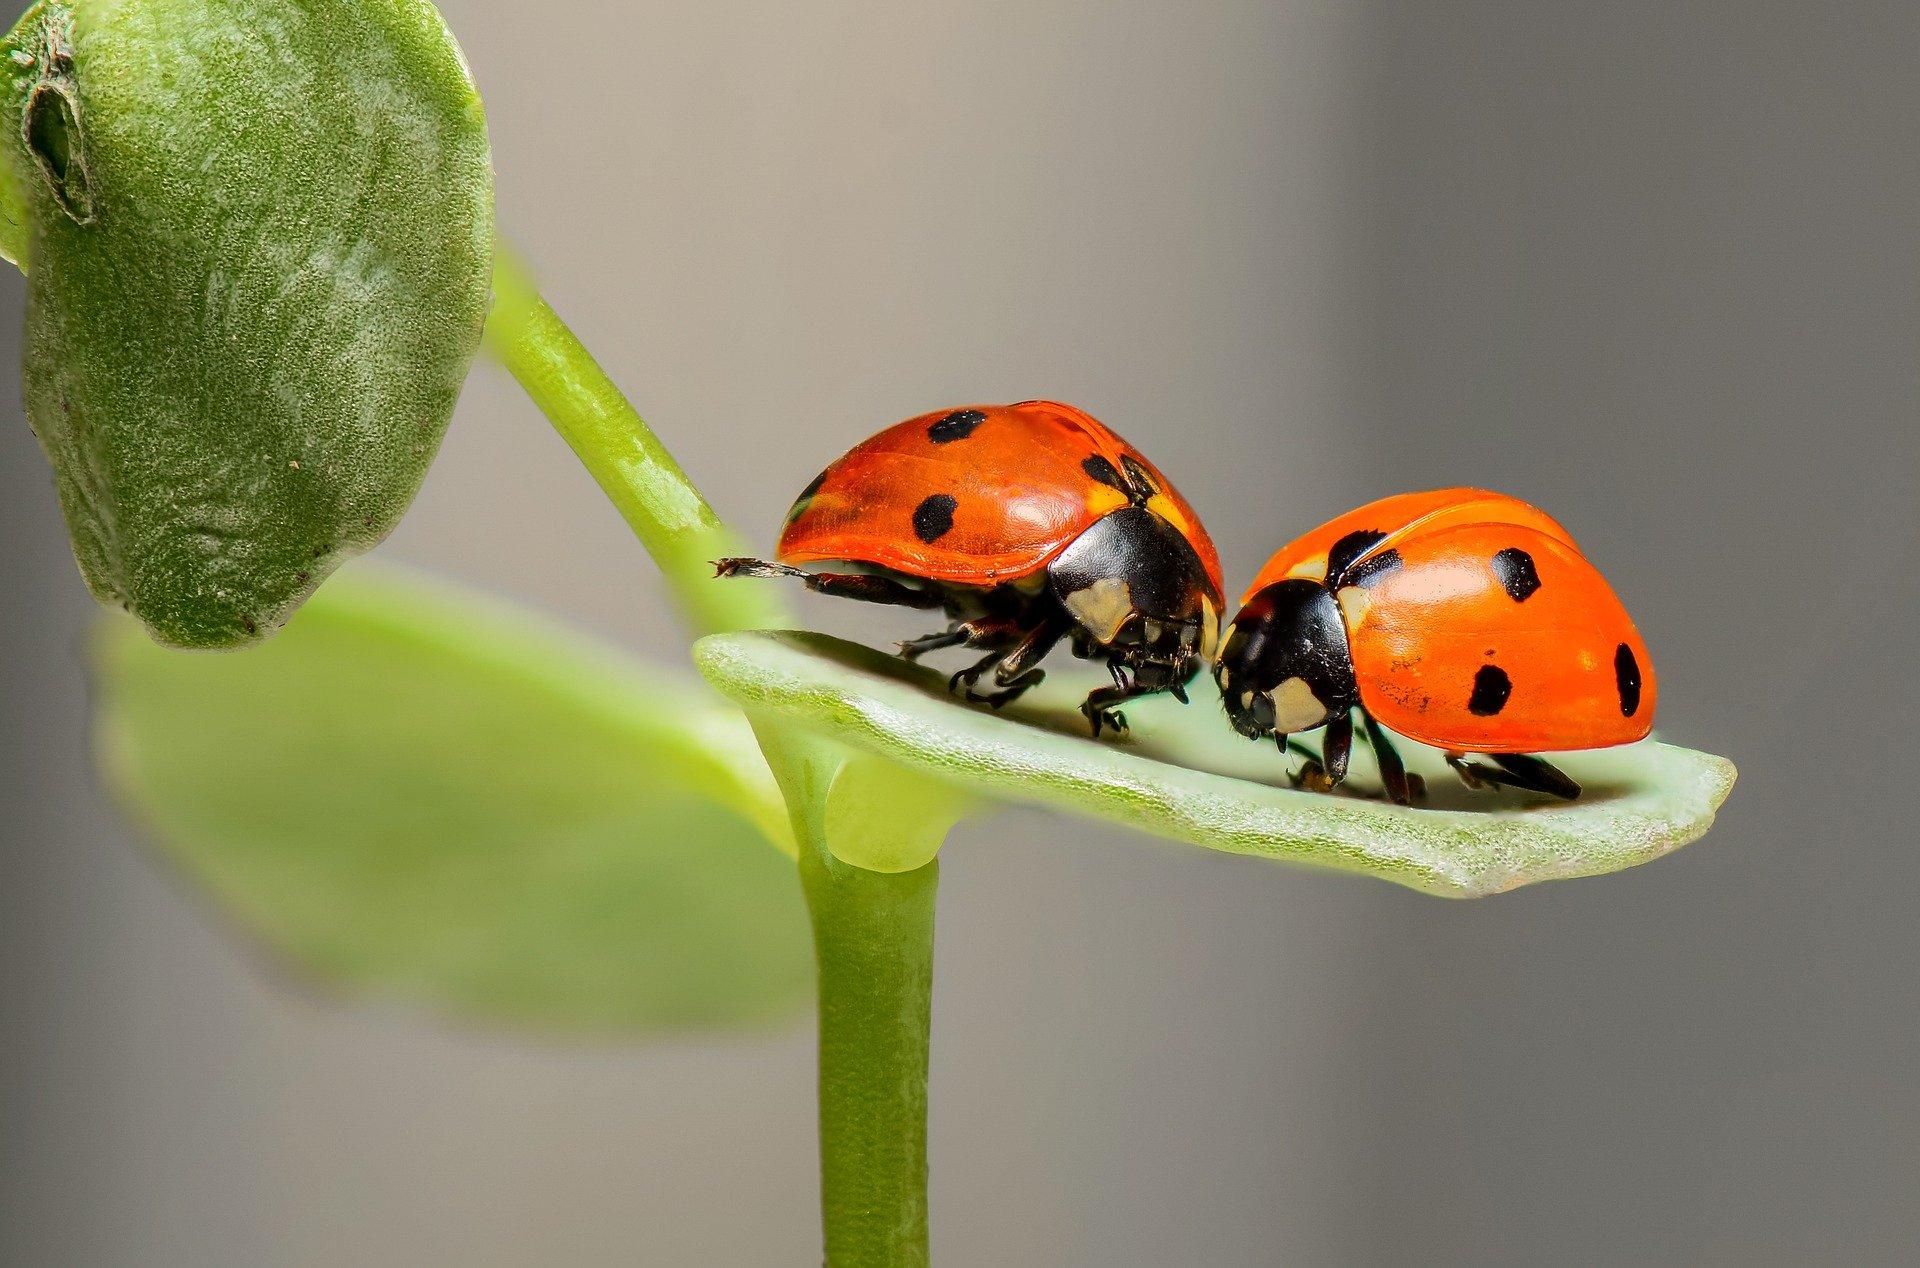 ladybugs-1593406_1920 (1)